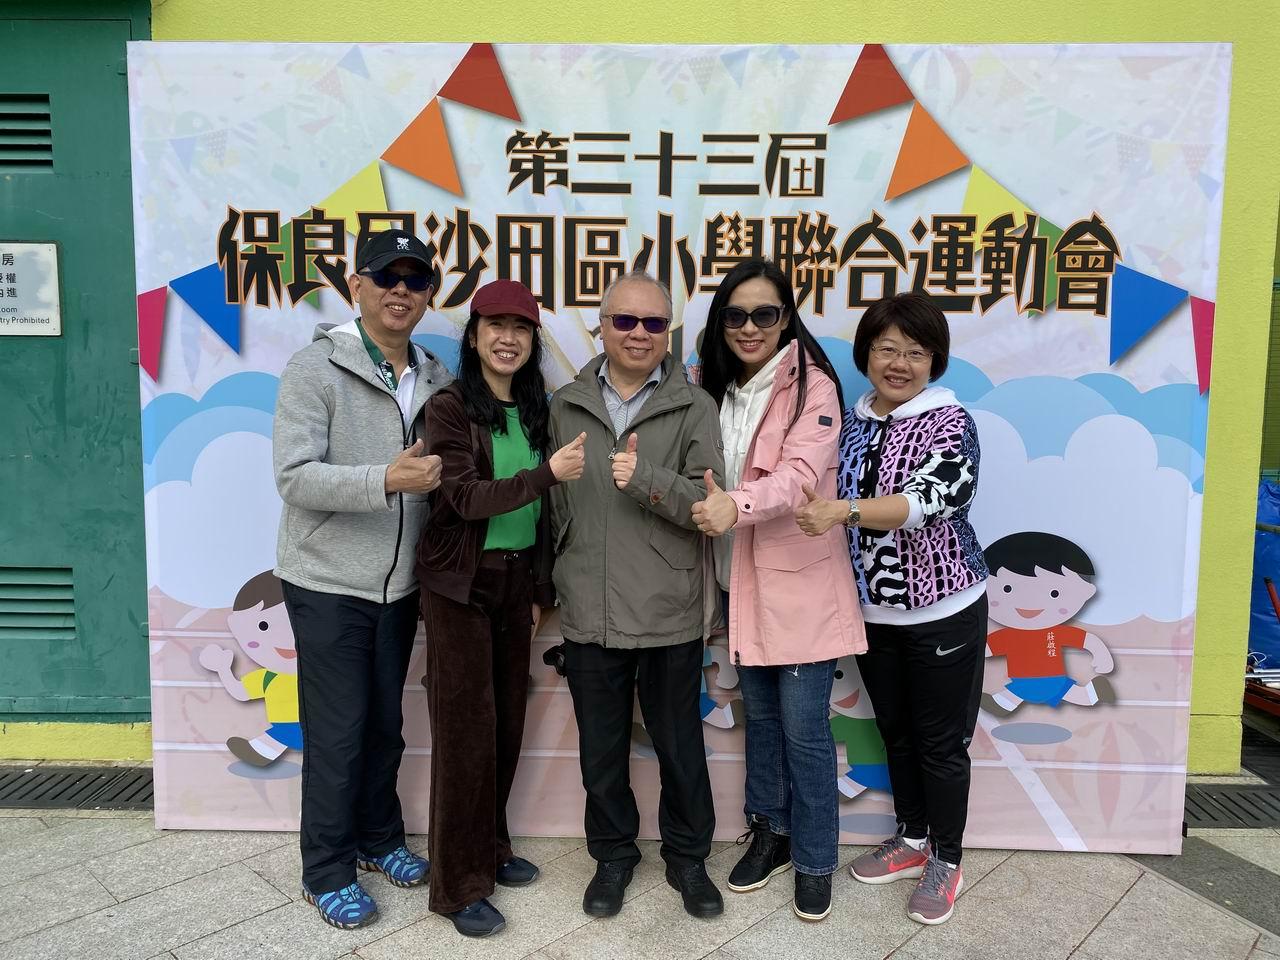 https://www.plkcjy.edu.hk/sites/default/files/img_8957.jpg